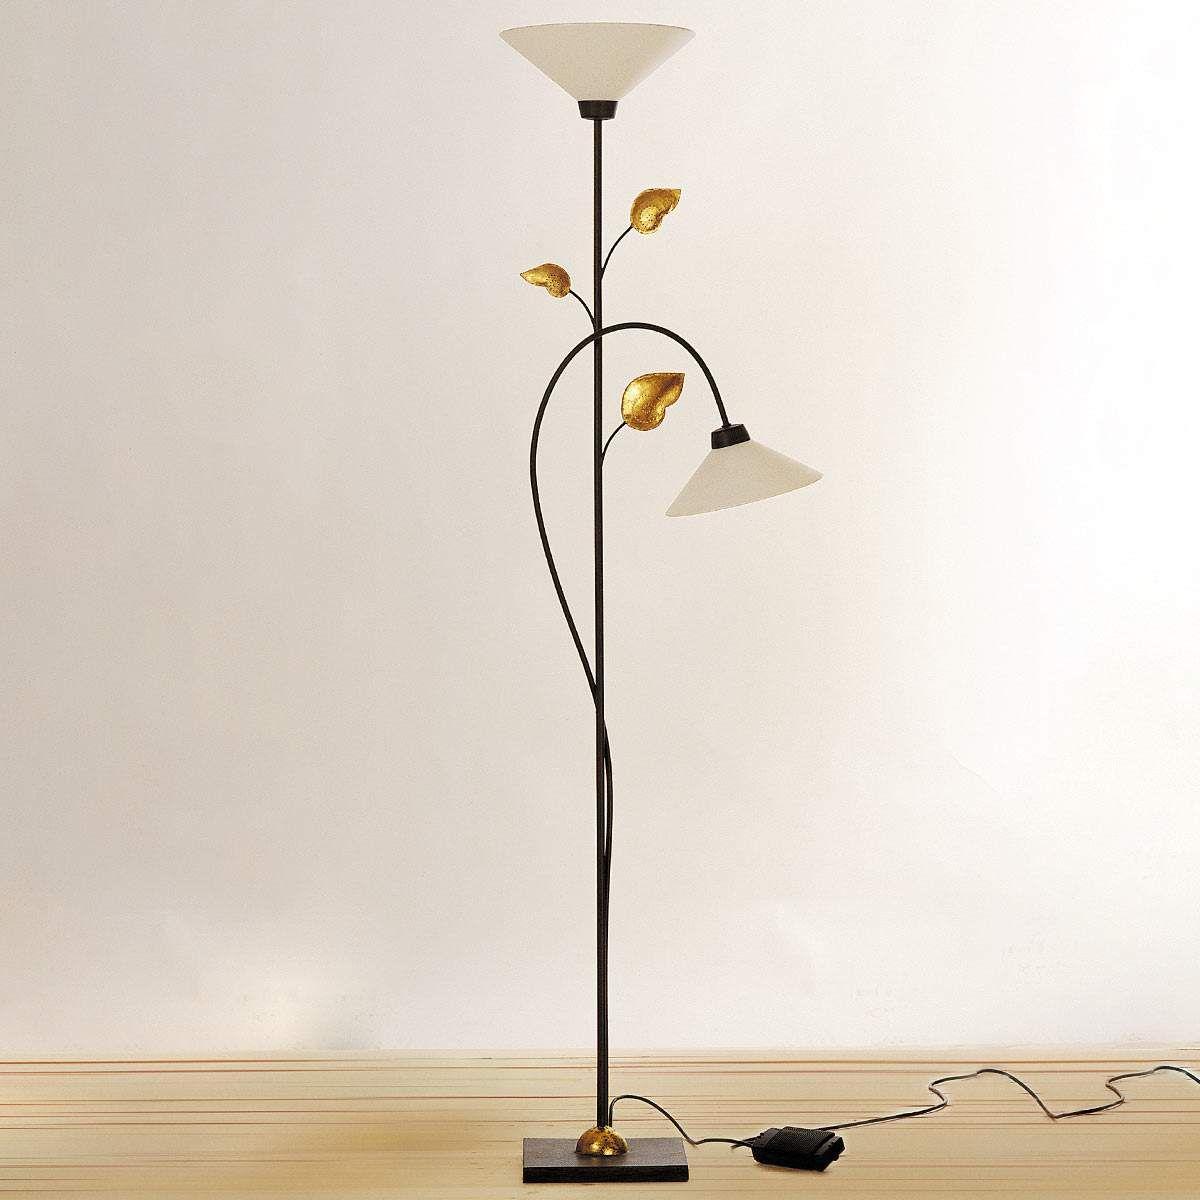 Lampe De Salon Orange Fabricant De Lampes ŕ Poser Lampe A Poser